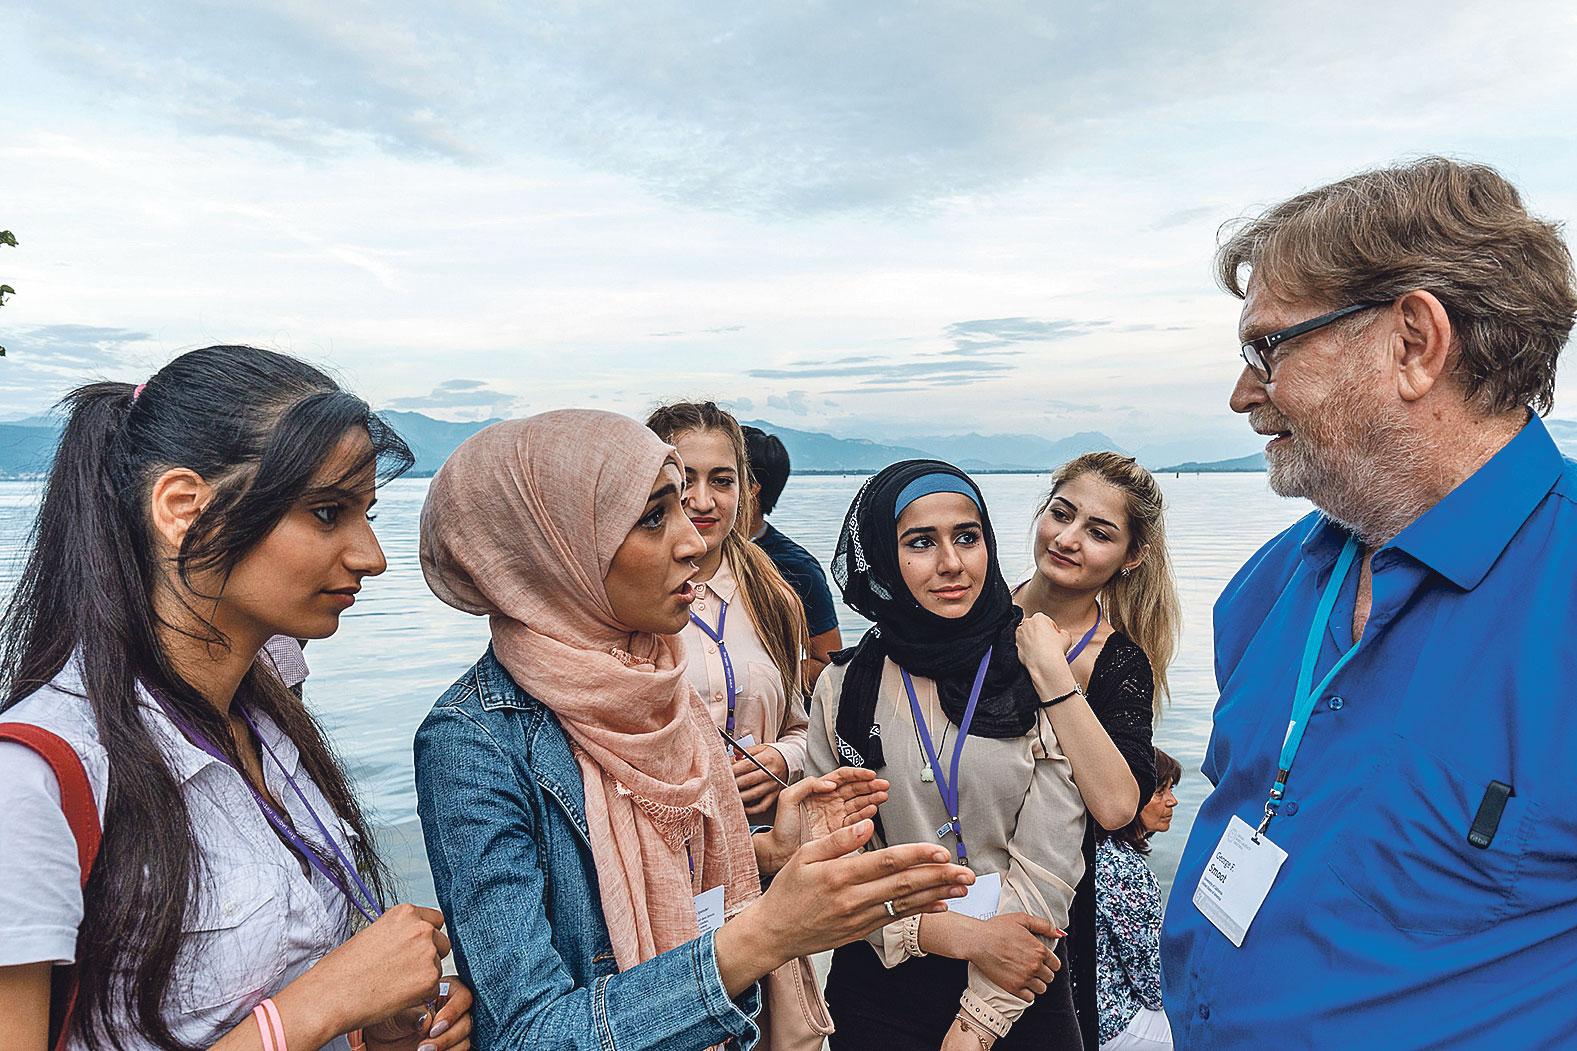 Mlade znanstvenice u razgovoru s Georgeom F. Smootom, dobitnikom Nobela za fiziku